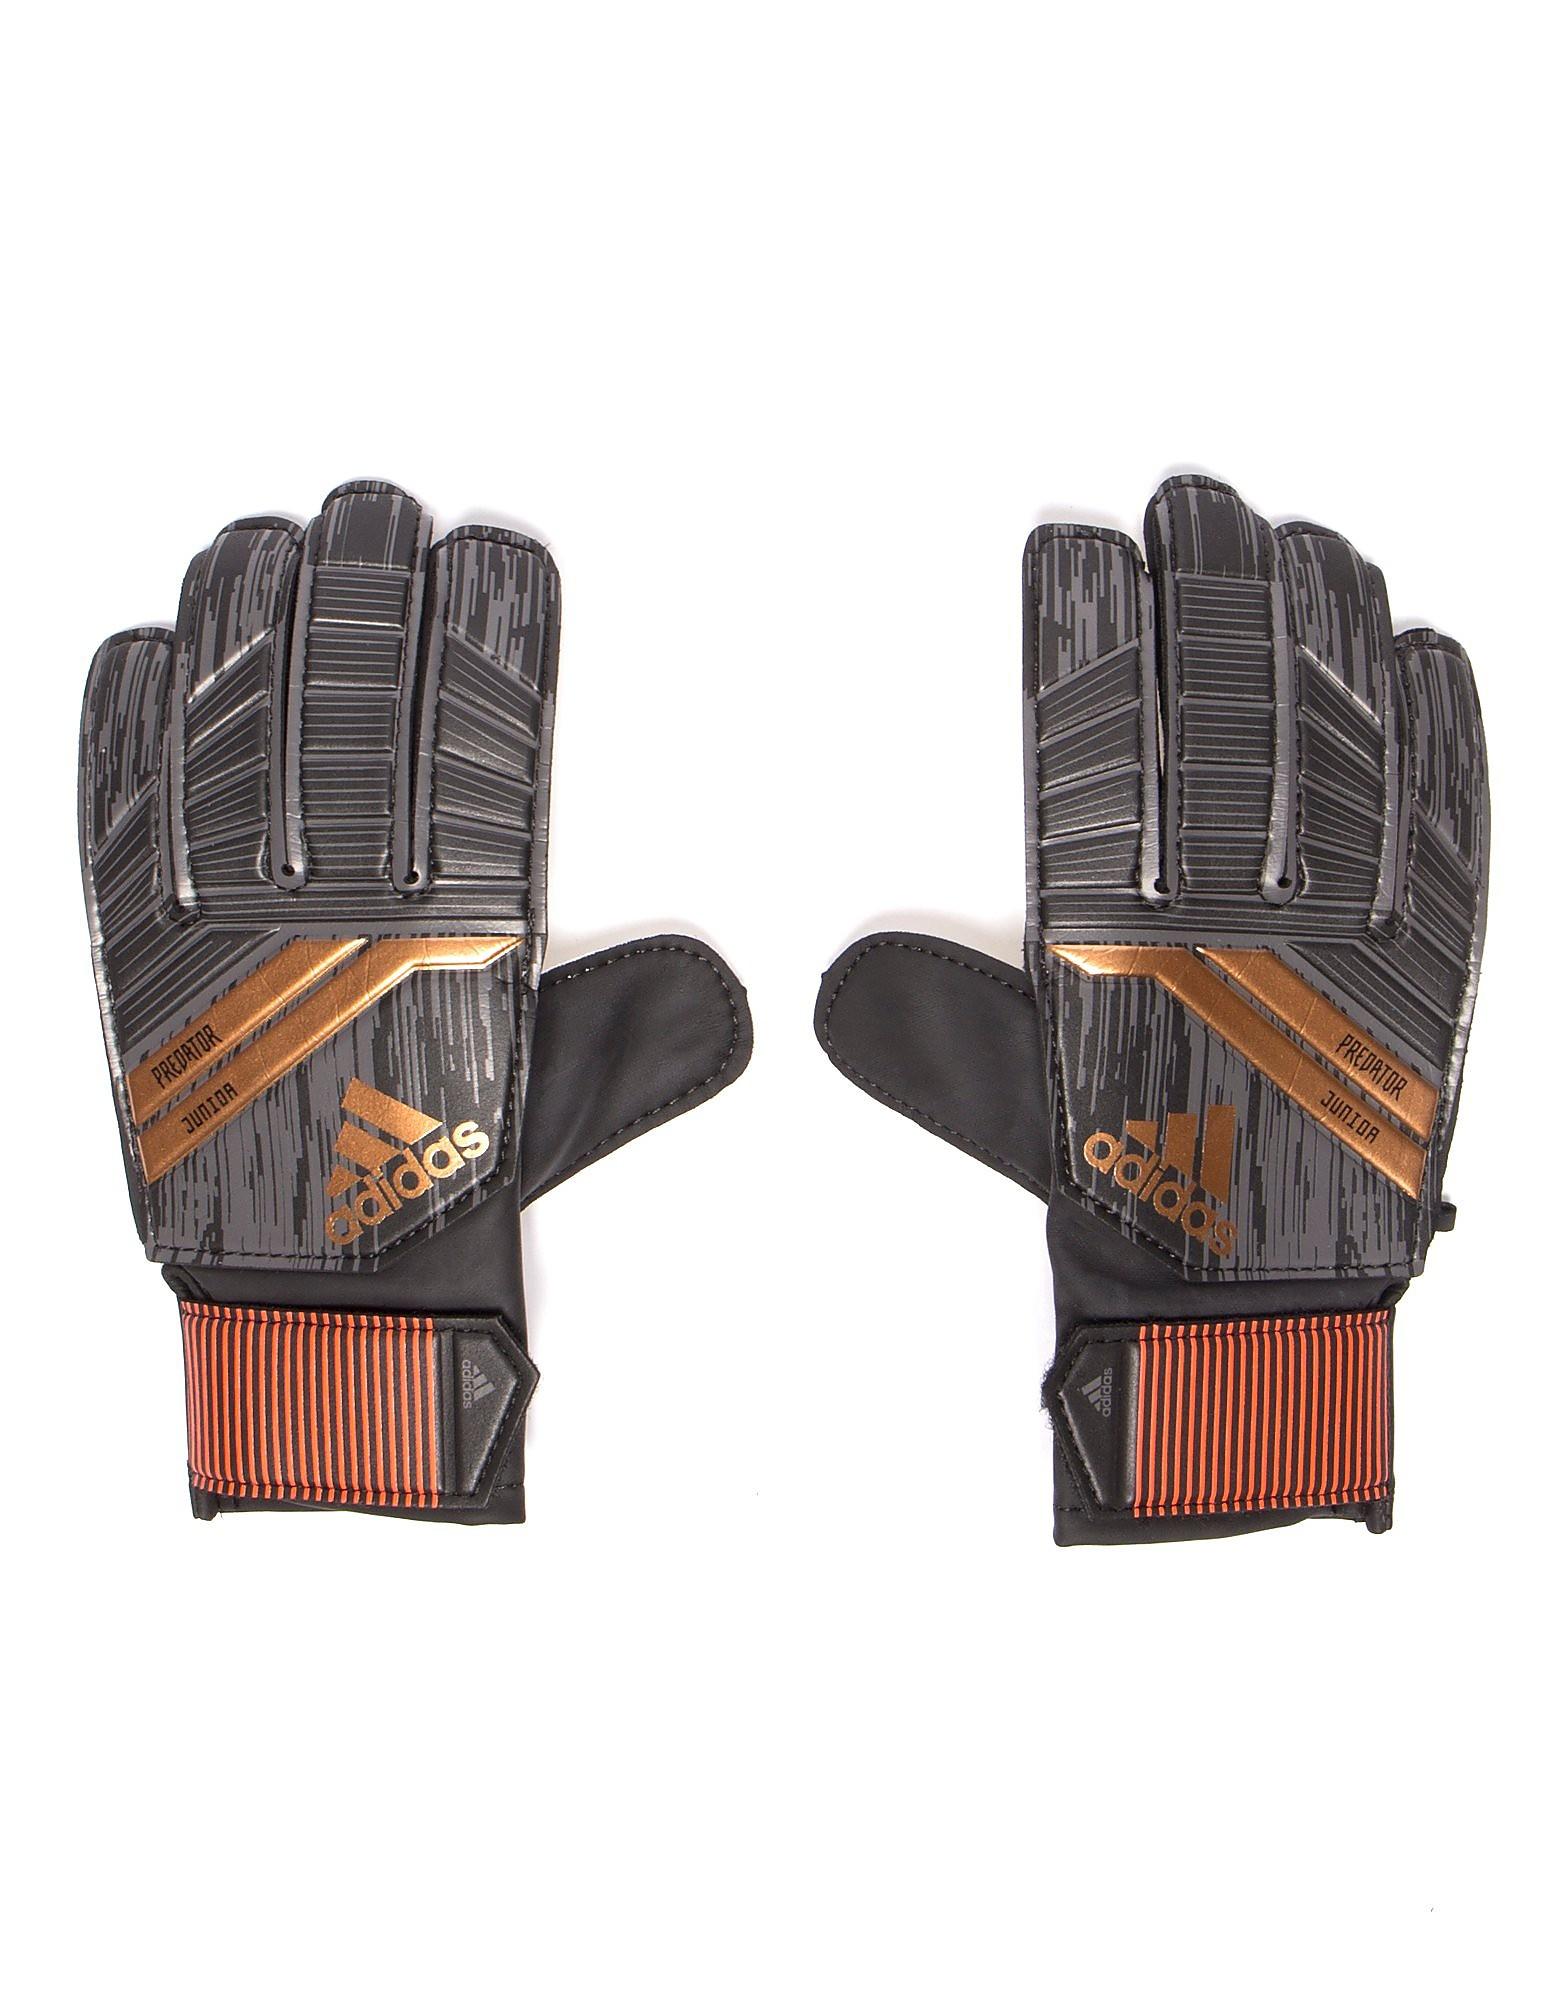 adidas guantes de portero Predator júnior